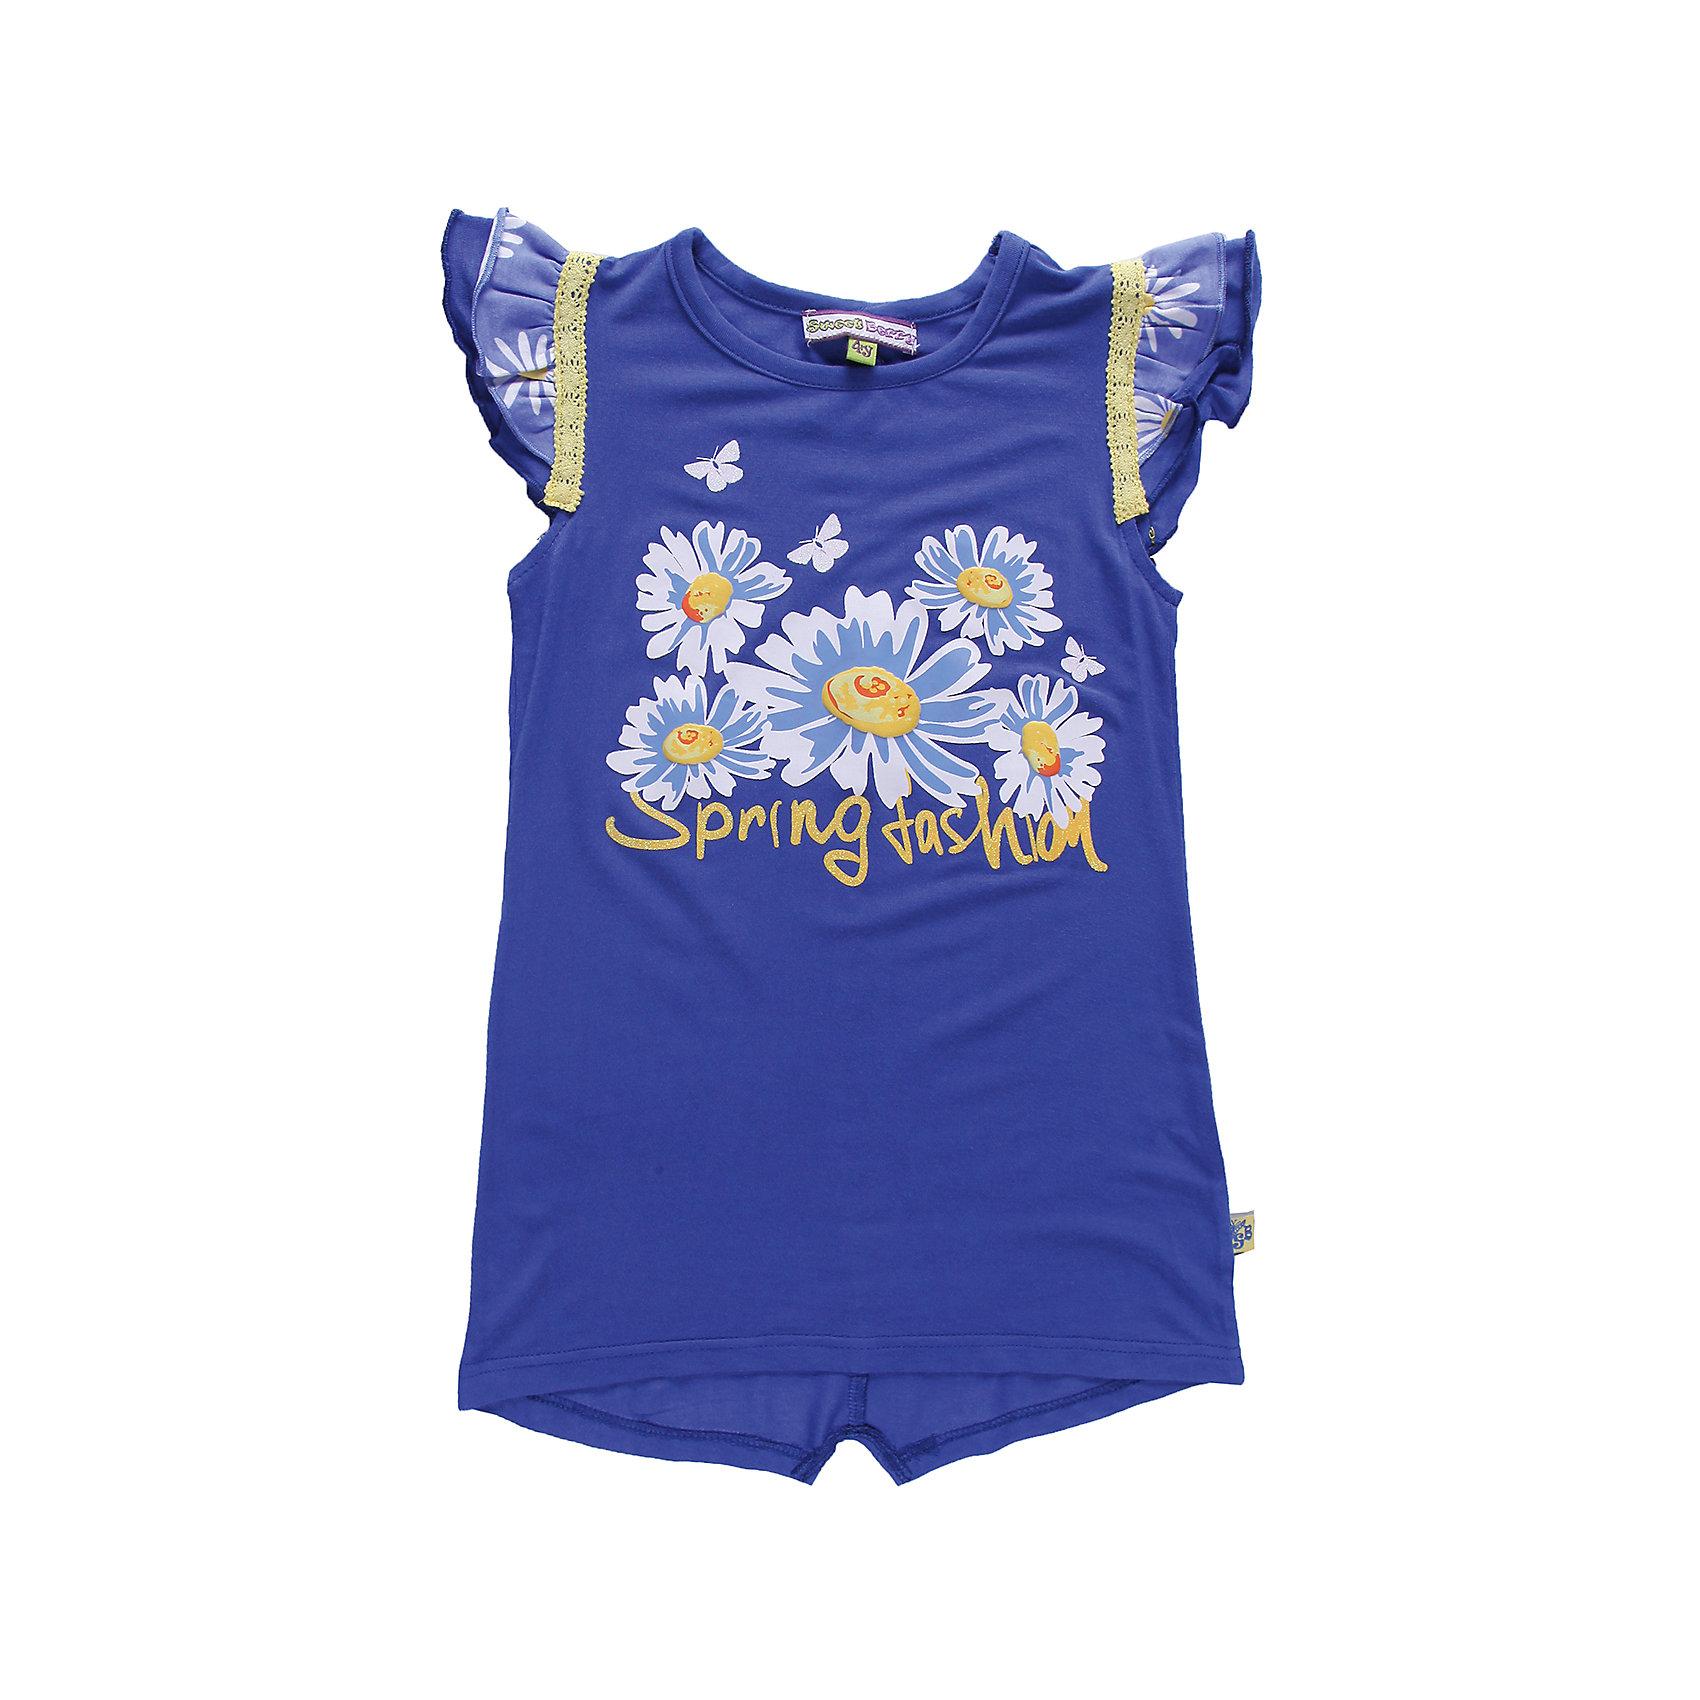 Футболка для девочки Sweet BerryФутболки, поло и топы<br>Удлиненная футболка из трикотажа. Декорирована воланами. Принт украшен глитером.<br>Состав:<br>95% хлопок, 5% эластан<br><br>Ширина мм: 199<br>Глубина мм: 10<br>Высота мм: 161<br>Вес г: 151<br>Цвет: голубой<br>Возраст от месяцев: 72<br>Возраст до месяцев: 84<br>Пол: Женский<br>Возраст: Детский<br>Размер: 122,128,104,98,116,110<br>SKU: 4520873